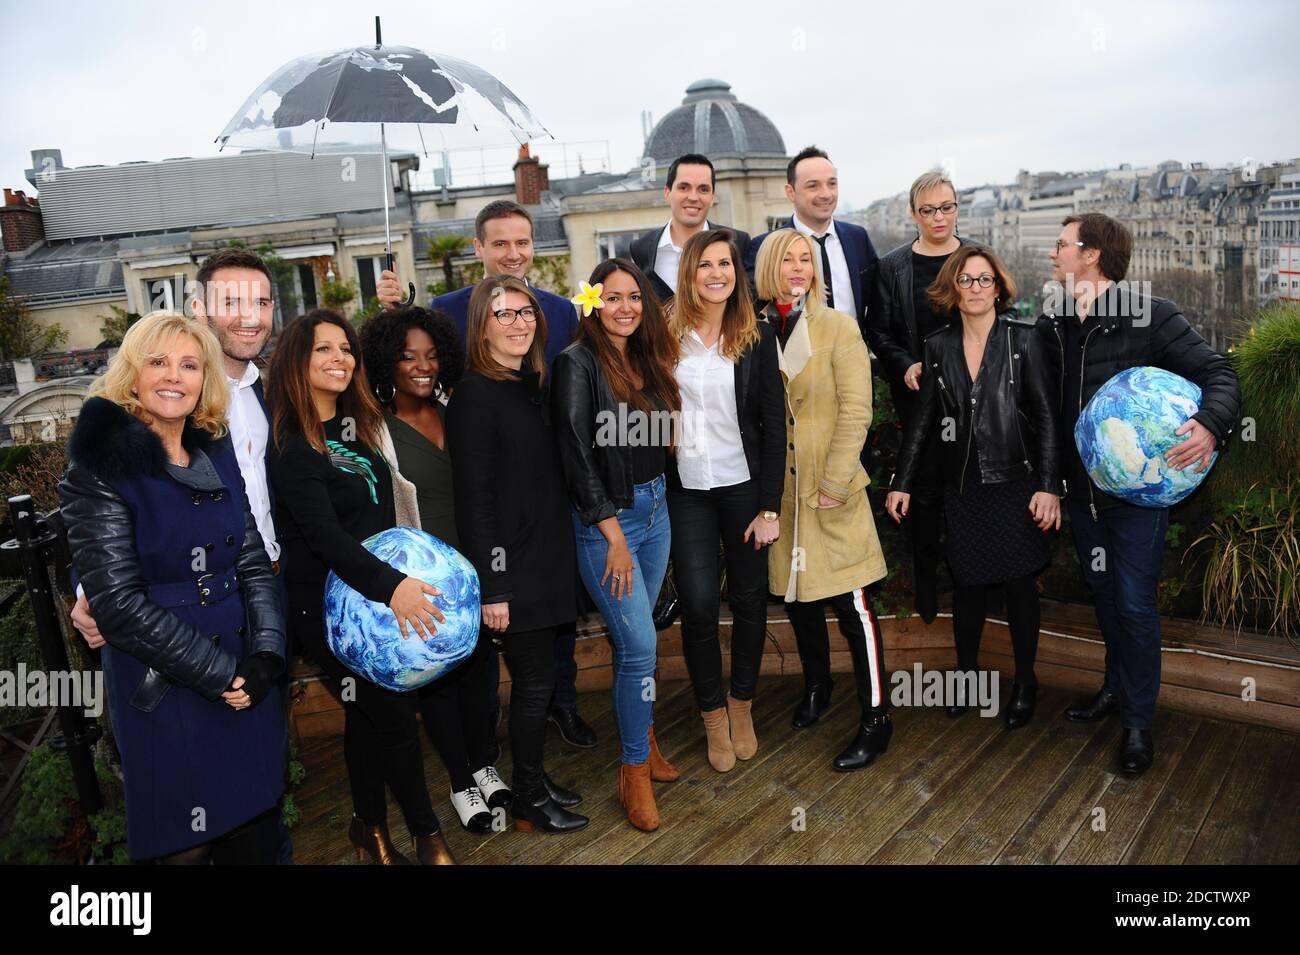 lors de la Journee meteorologique mondiale, a Paris, France, le 23 mars 2018. Les presentateurs meteo ont lance une campagne de sensibilisation citoyenne sur les reseaux sociaux FIMC2018 et ont donne rendez vous au grand public au Forum International de la Meteo et du Climat du 2 au 5 juin prochain sur le Parvis de l'Hôtel de Ville a Paris. Photo Xavier Derussit/ABACAPRESS.COM Stock Photo